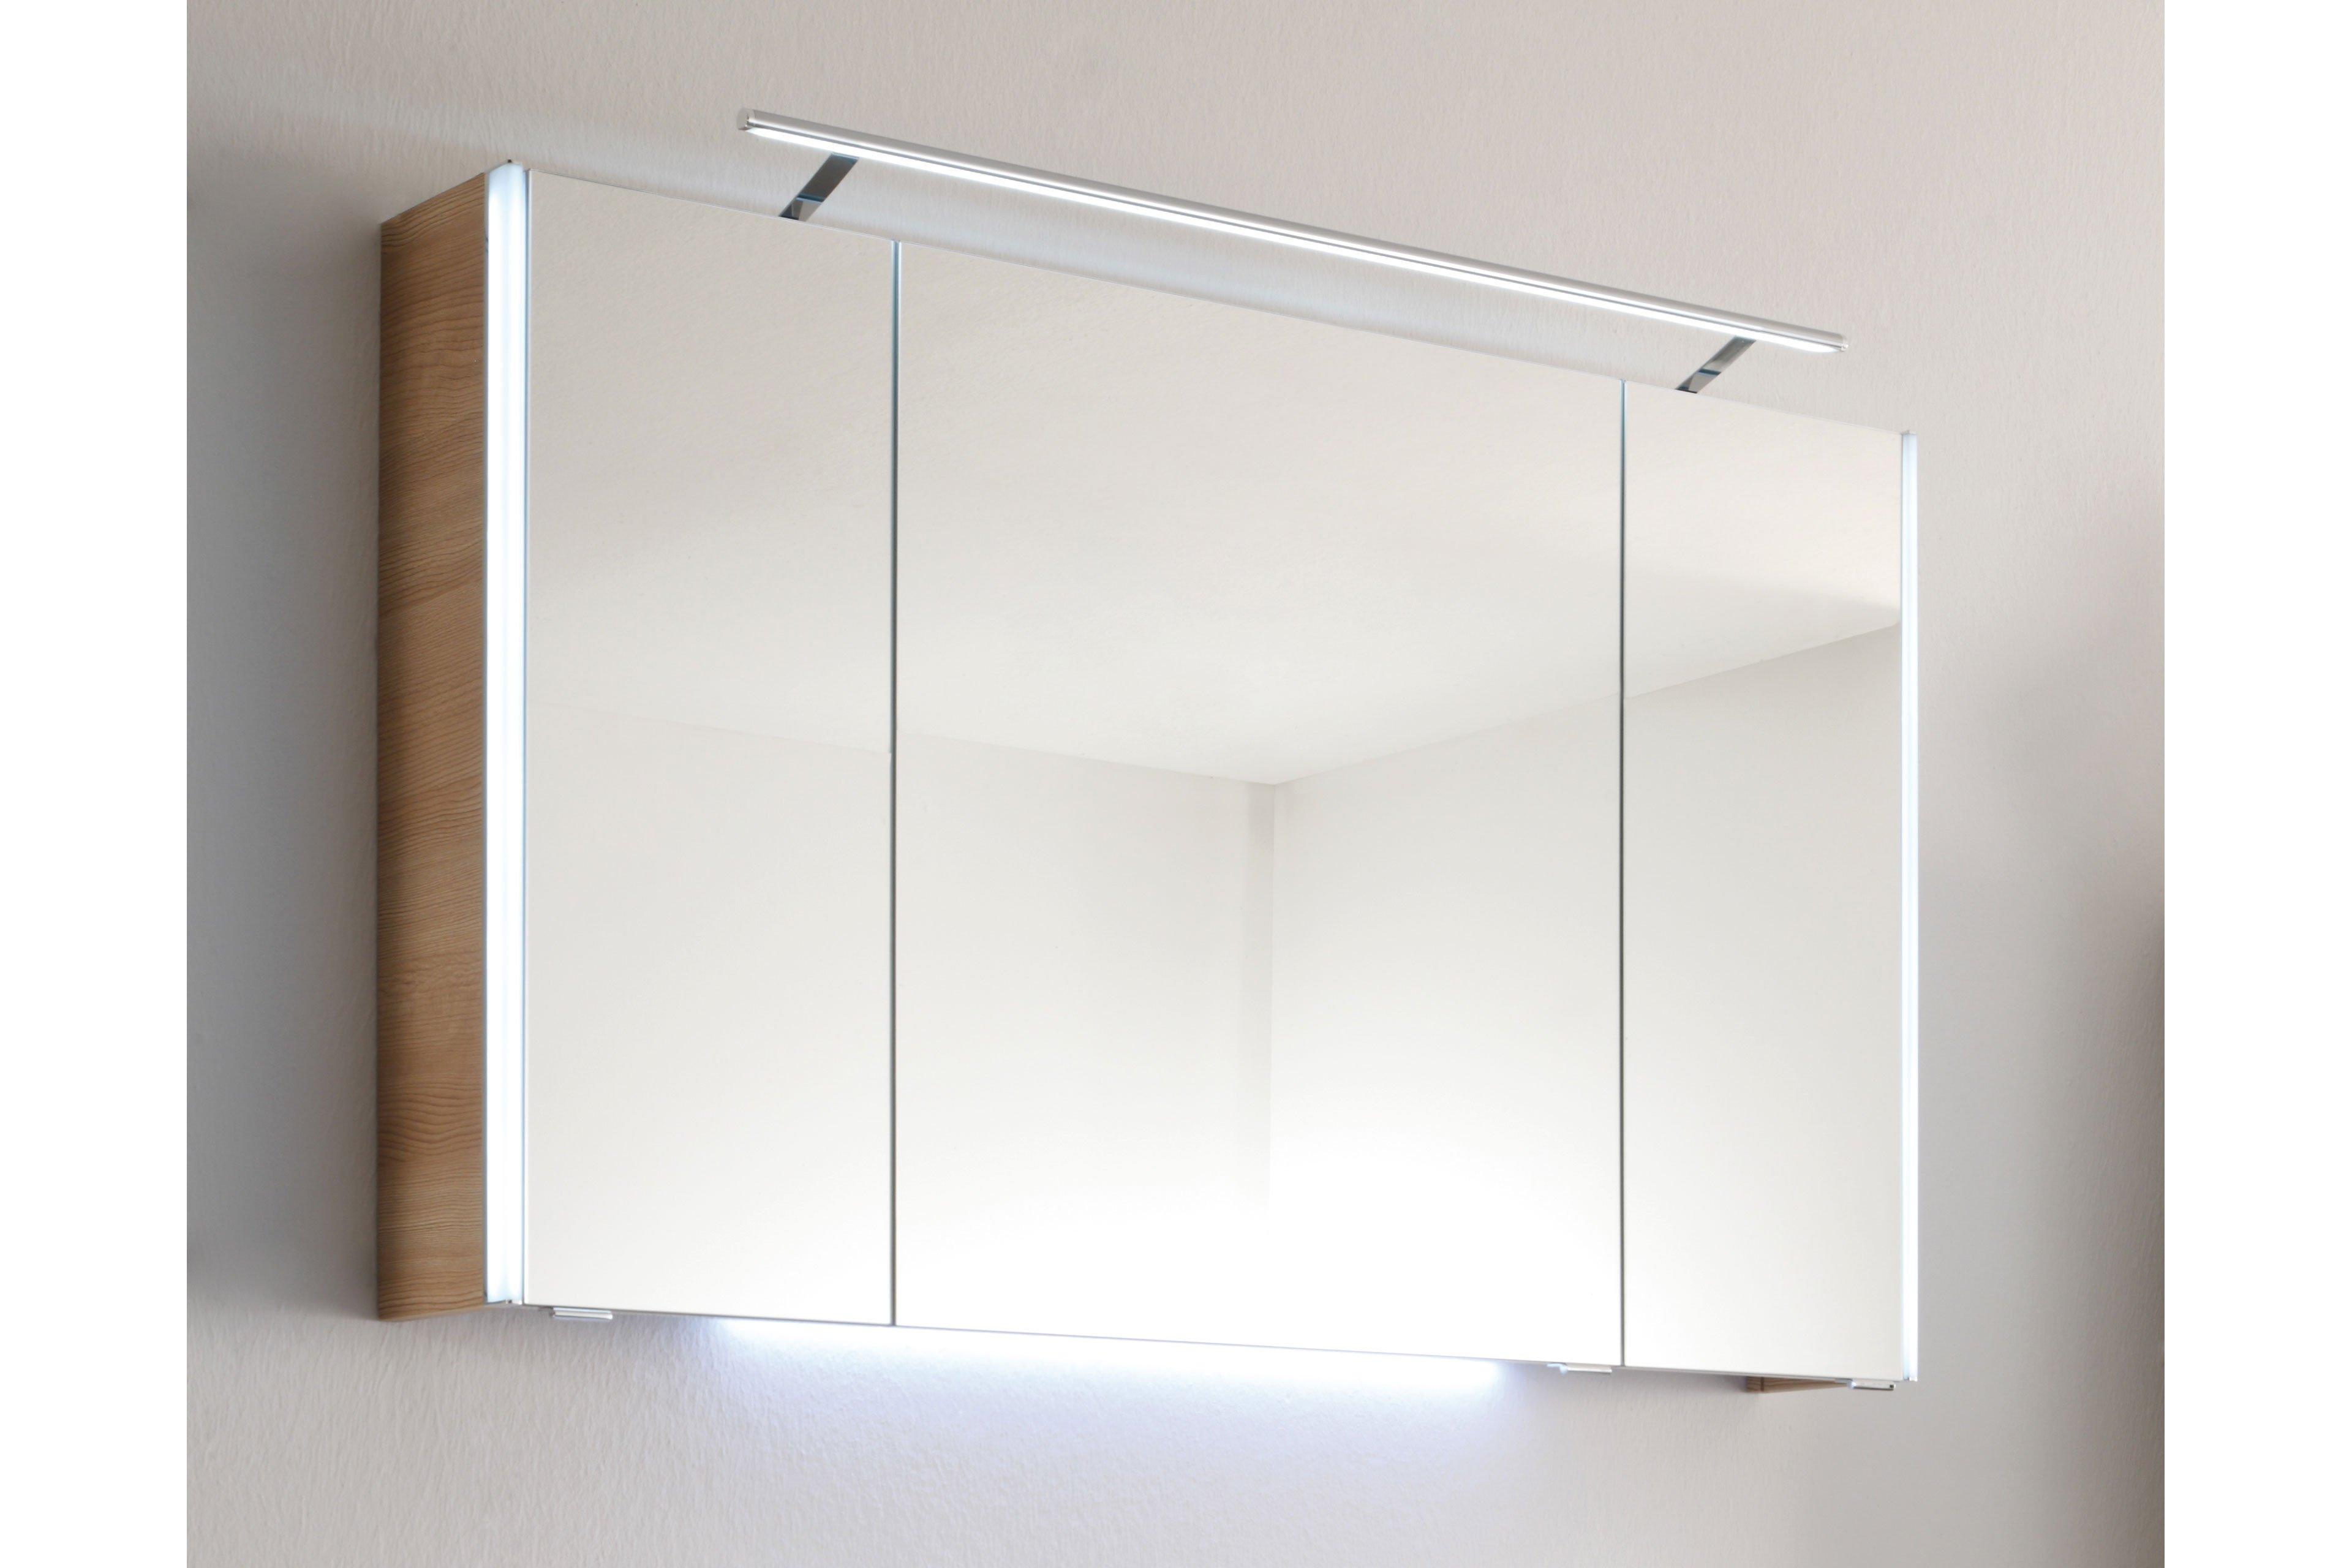 Bad 112 von LEONARDO living - Badezimmer Glas Perlmutt/ Eiche